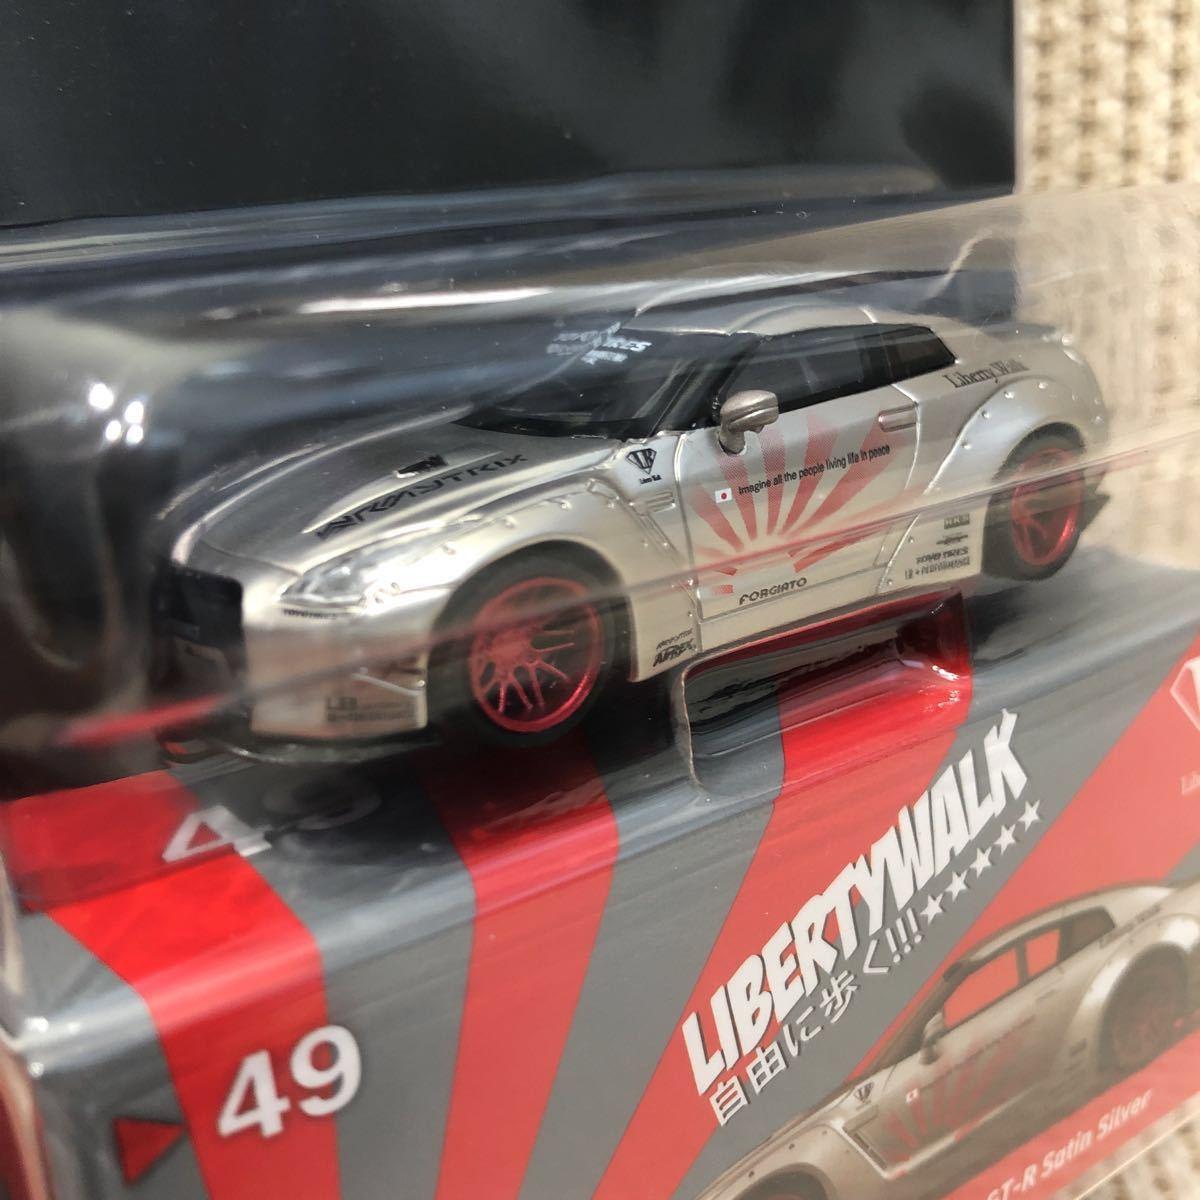 2台セット TSM MINI GT 1/64 リバティーウォーク ニッサン GT-R R35 Type1 Rear wing Ver.1 LB WORKS 限定 ホワイト と サテンシルバー 銀_画像6